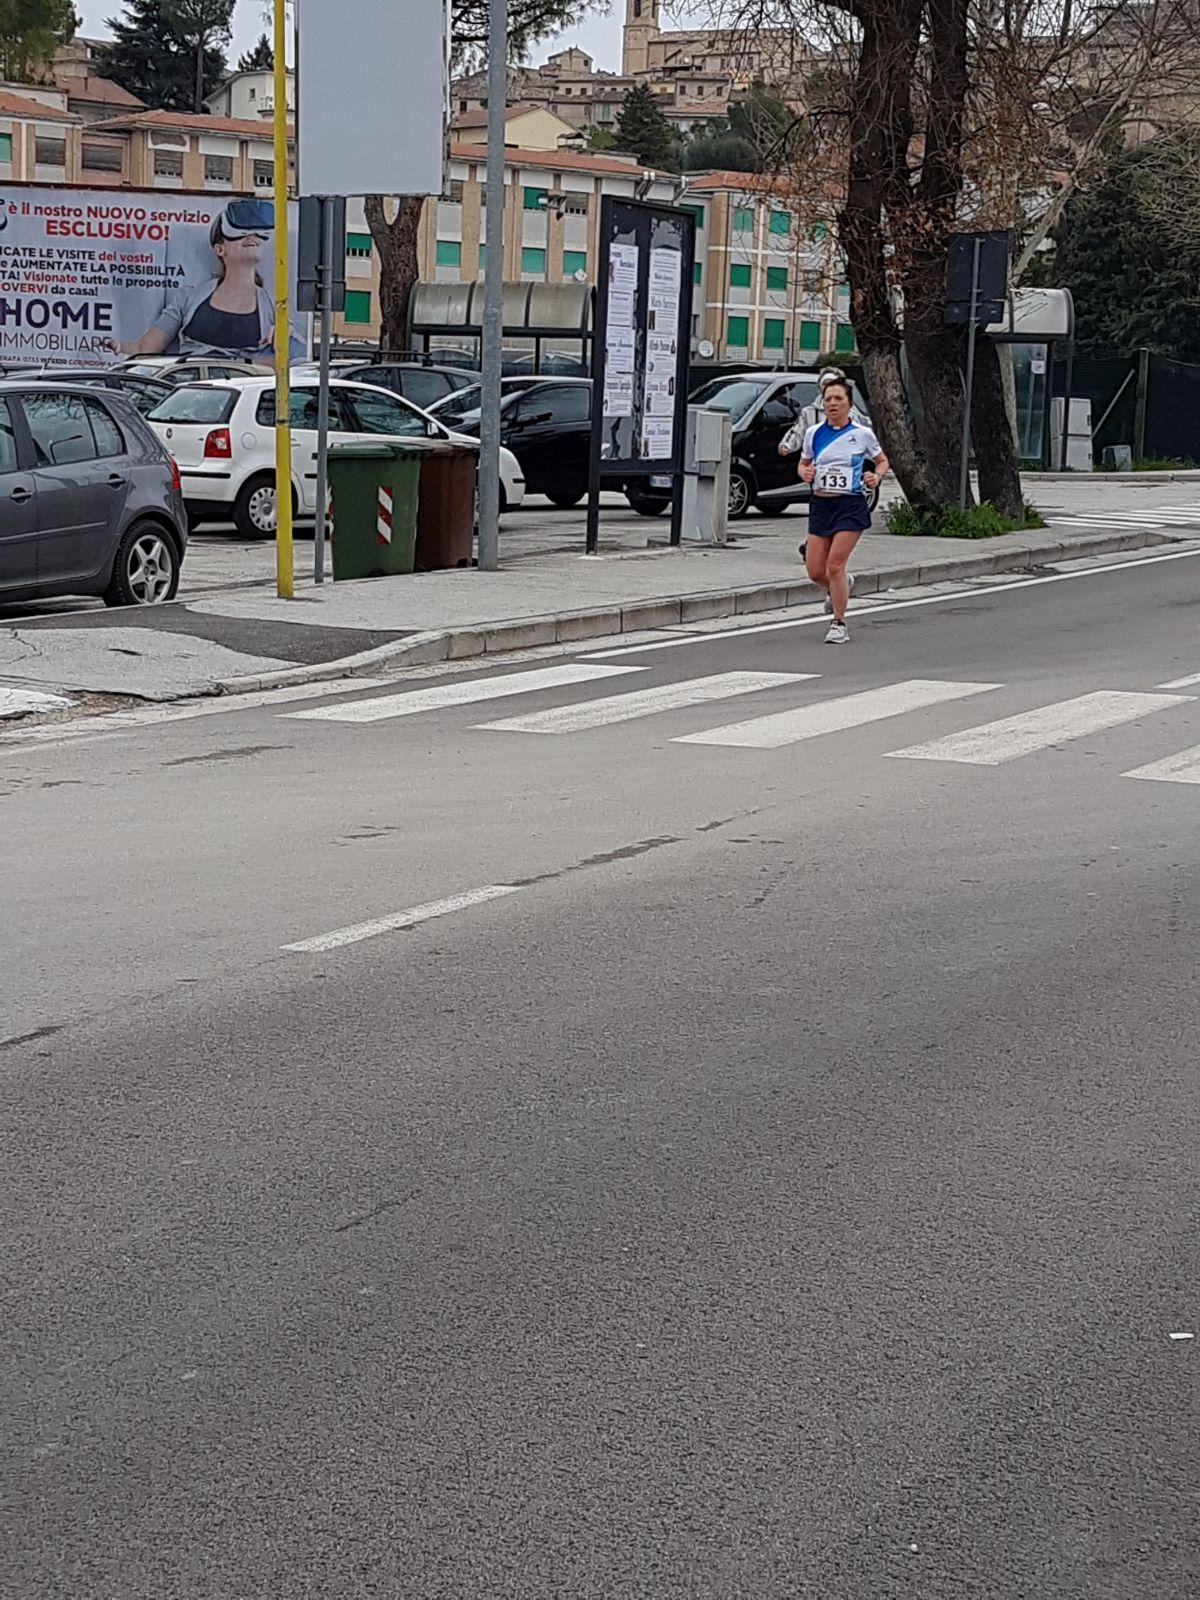 Corridonia  2018-03-18 at 13.49.52